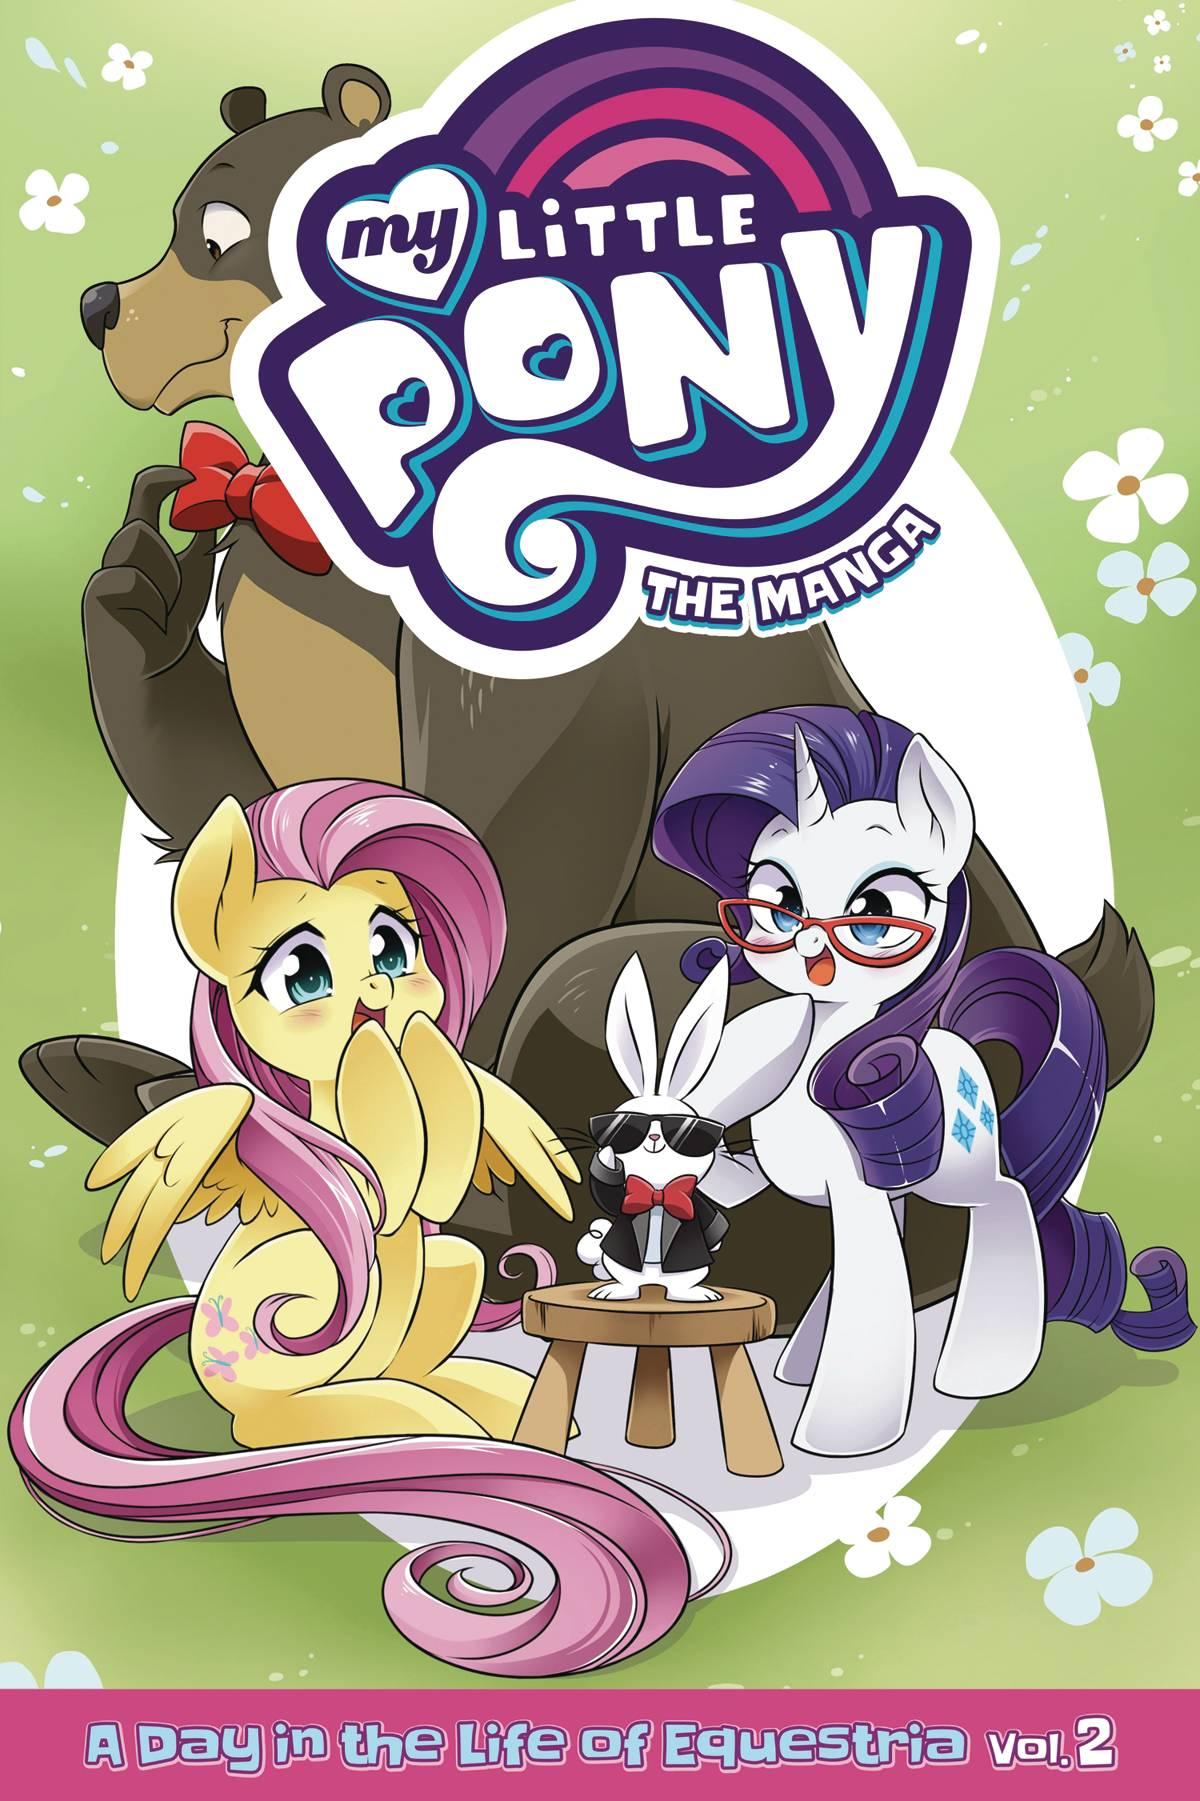 Random Fan Art - My Little Pony Friendship is Magic Fan